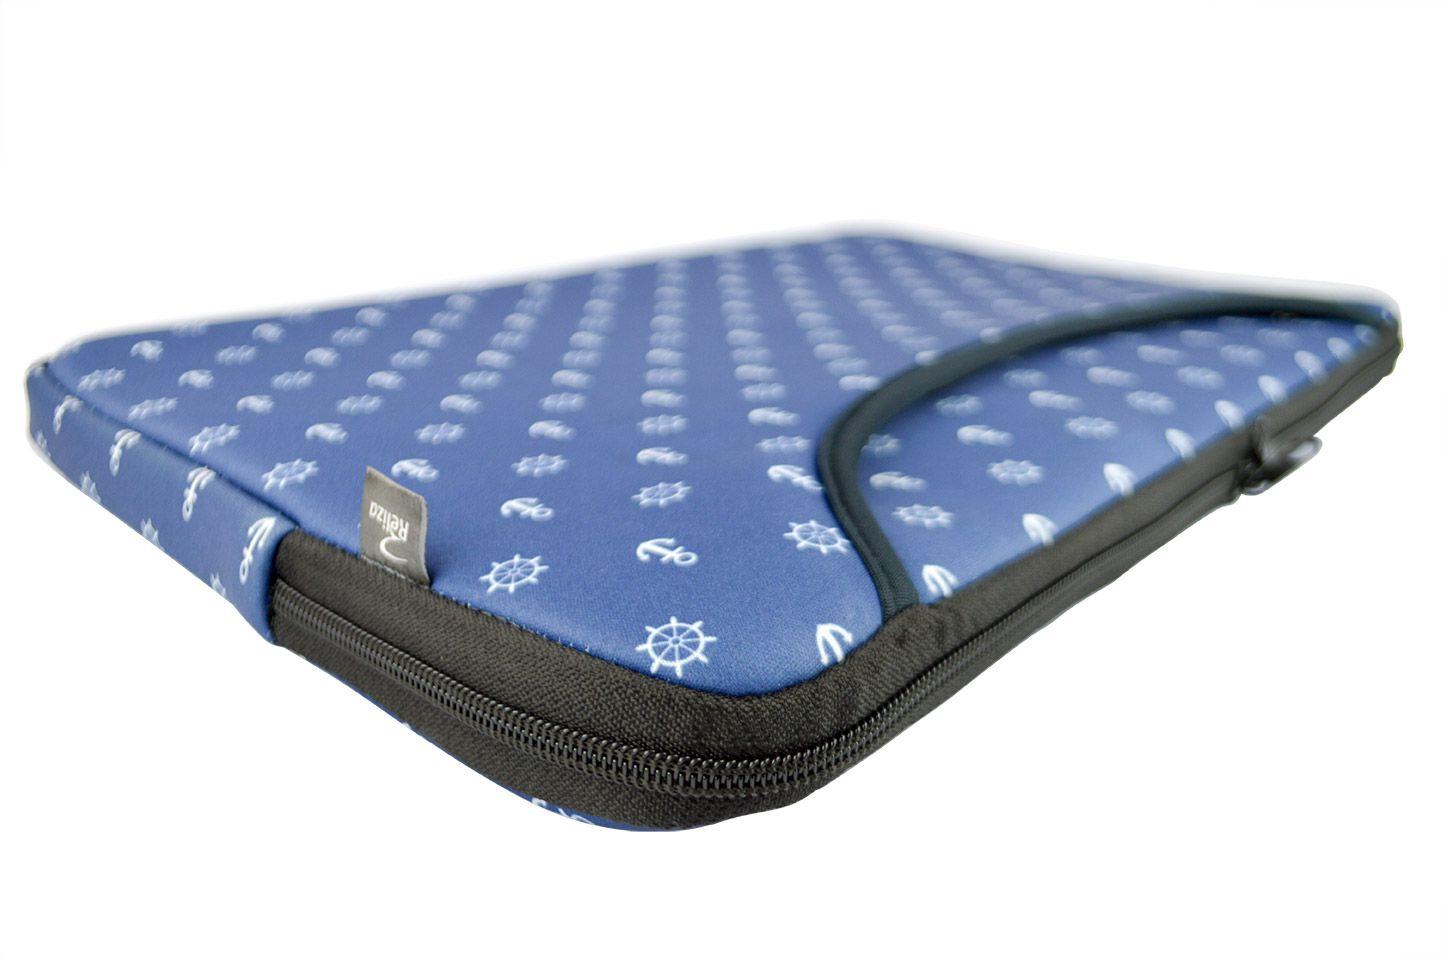 Capa Case para Notebook 15.6 com Bolso Frontal - Poa Marinho